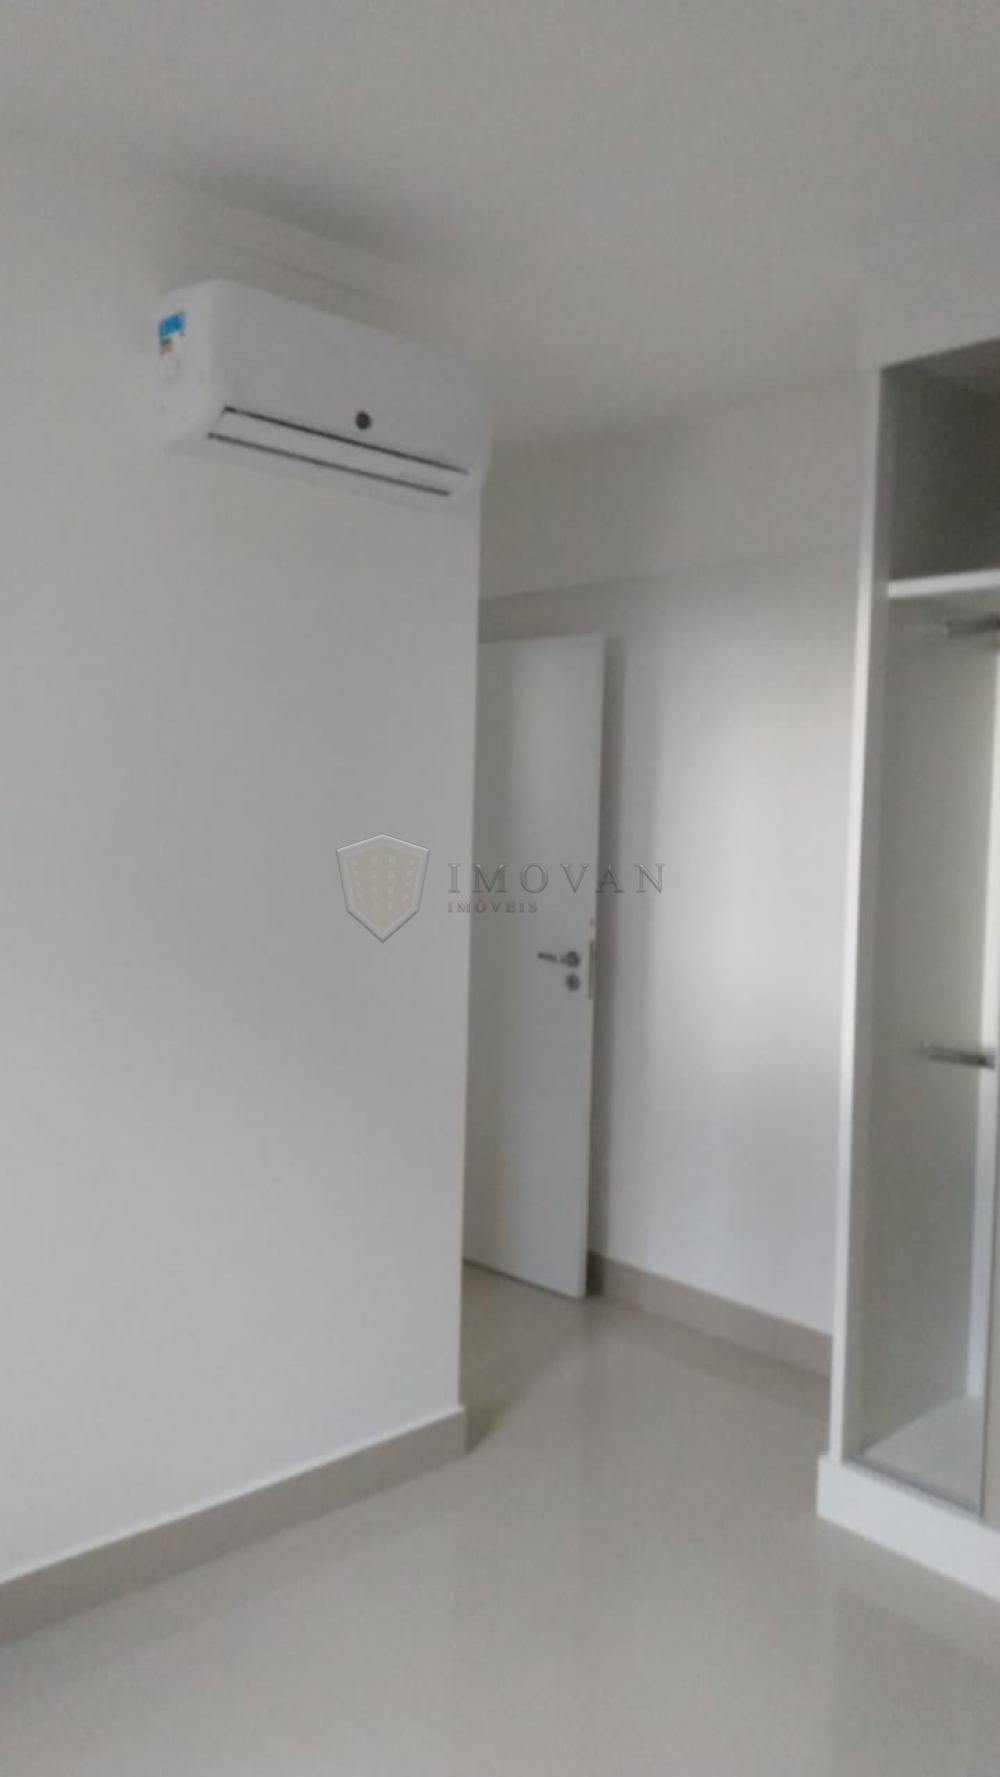 Comprar Apartamento / Padrão em Ribeirão Preto apenas R$ 350.000,00 - Foto 23